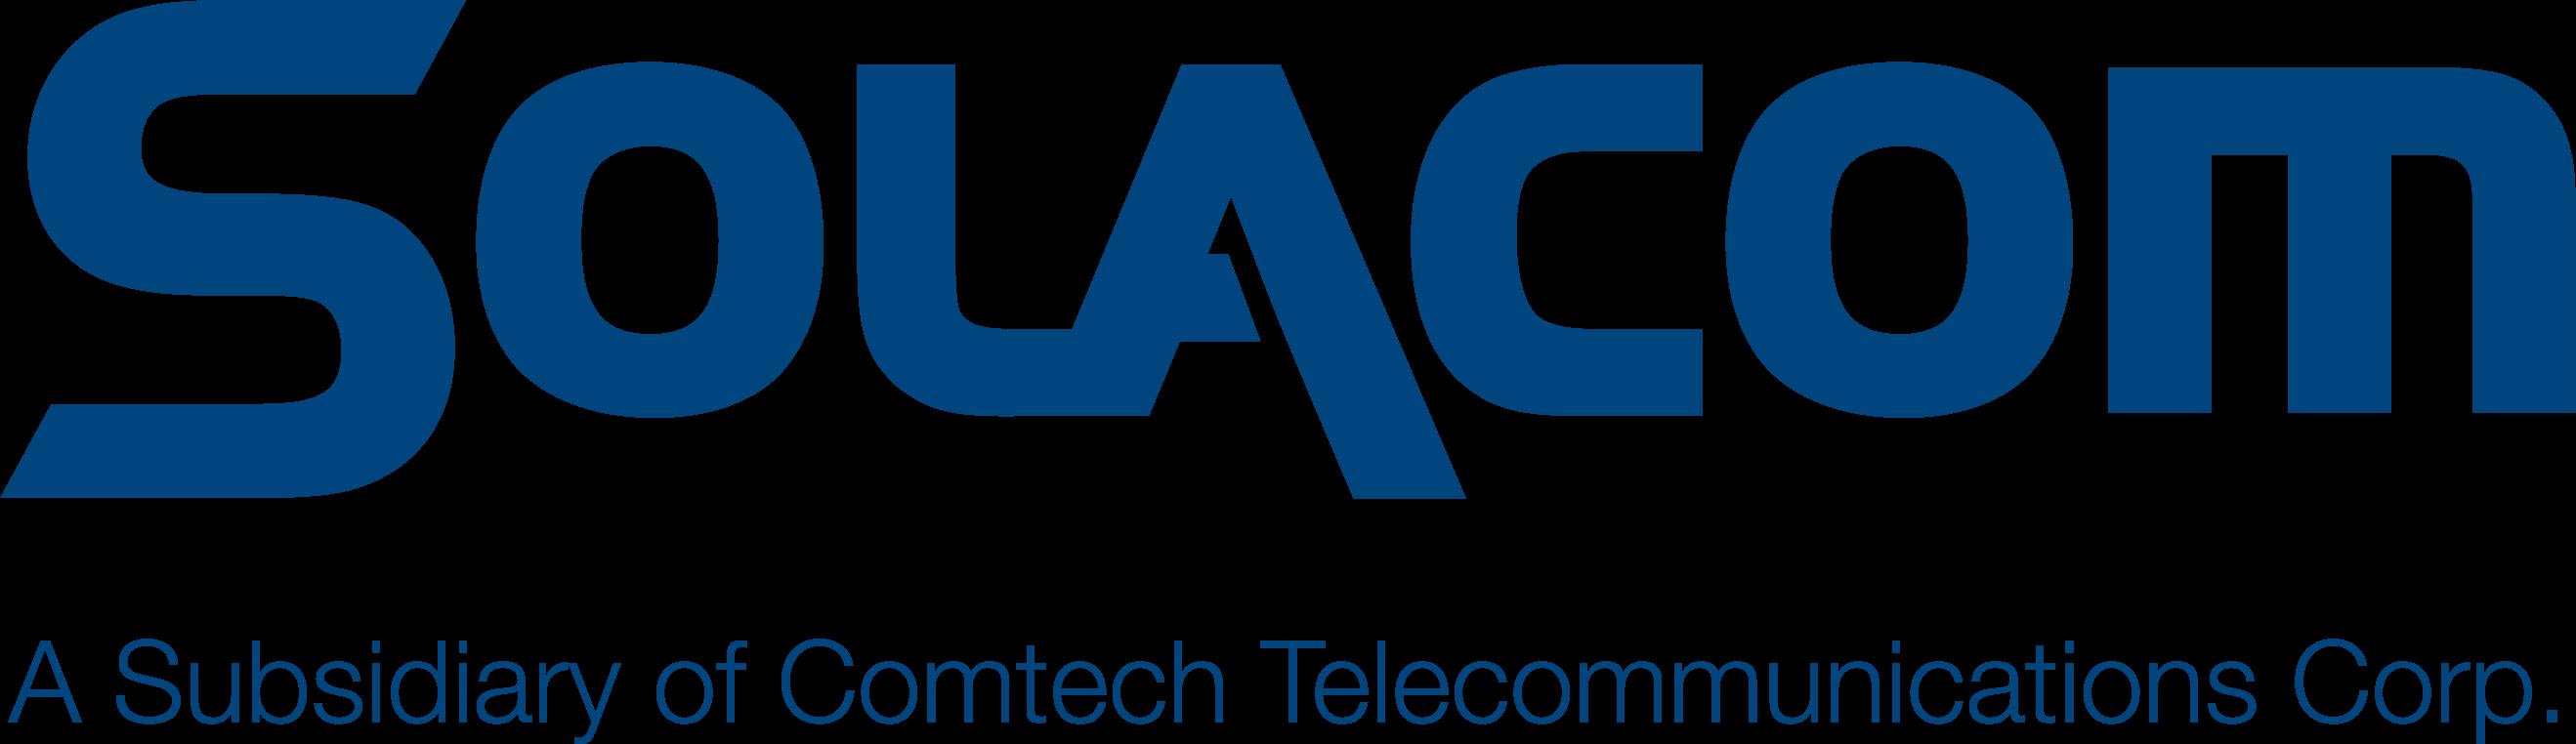 Solacom, a subsidiary of Comtech Corp.